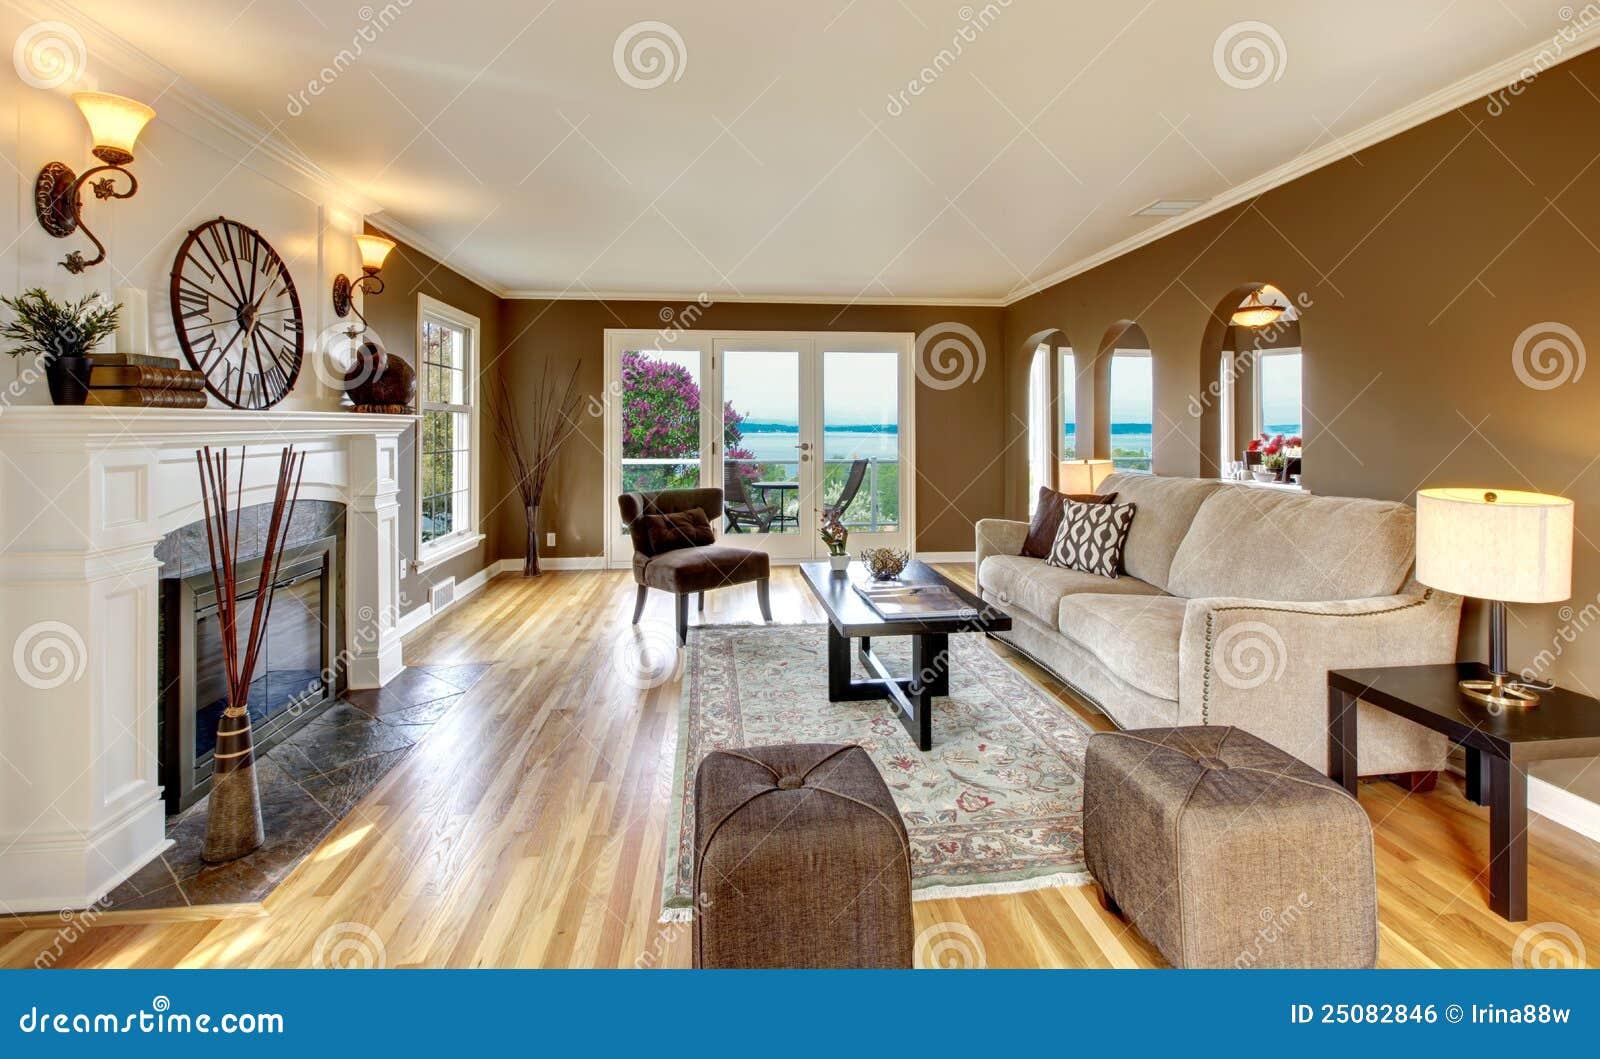 Schöne Kamine With Klassisches Braunes Wohnzimmer Mit Weißem Kamin.  Lizenzfreies Also Klassisches Braunes Wohnzimmer Mit